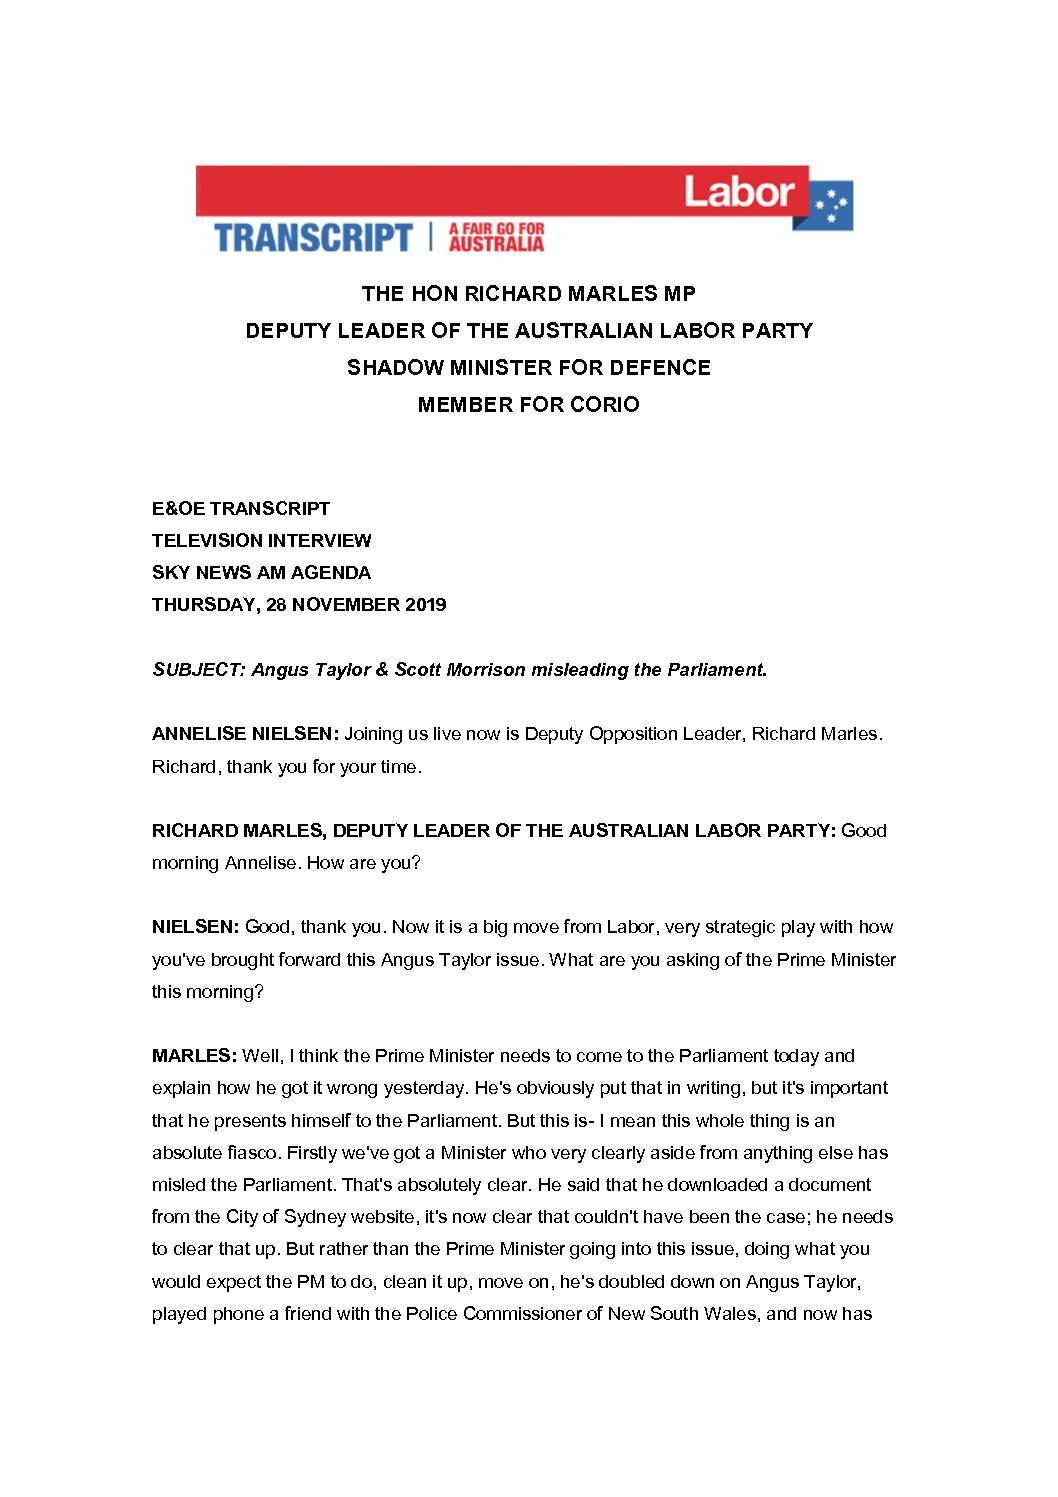 19.11.28 SKY NEWS AM AGENDA – TRANSCRIPT